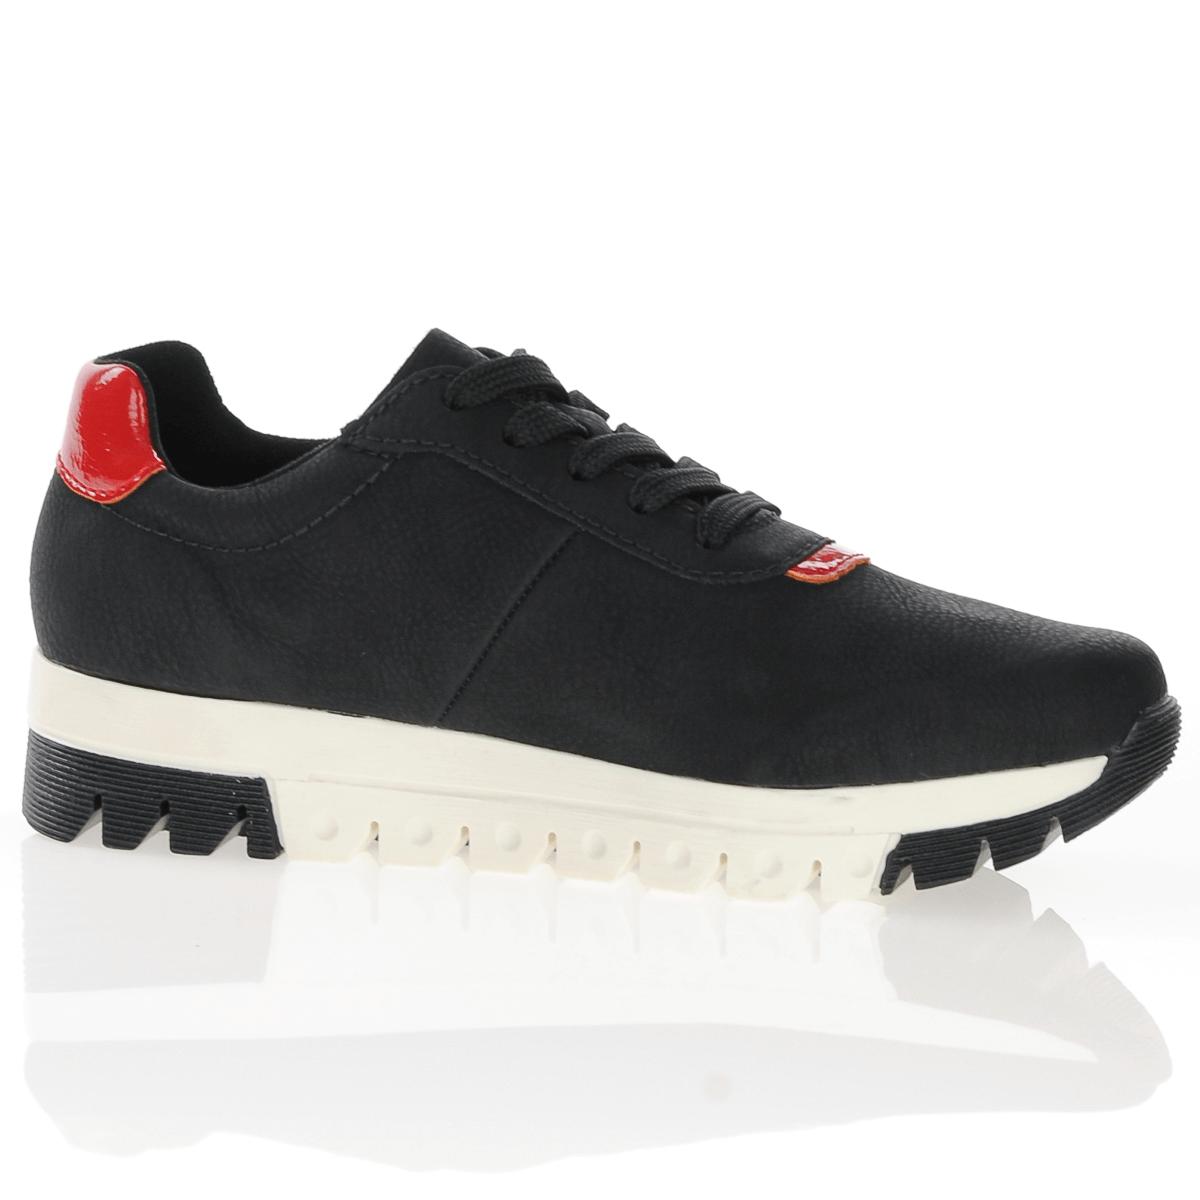 Rieker L2904-00 black lace-up trainers